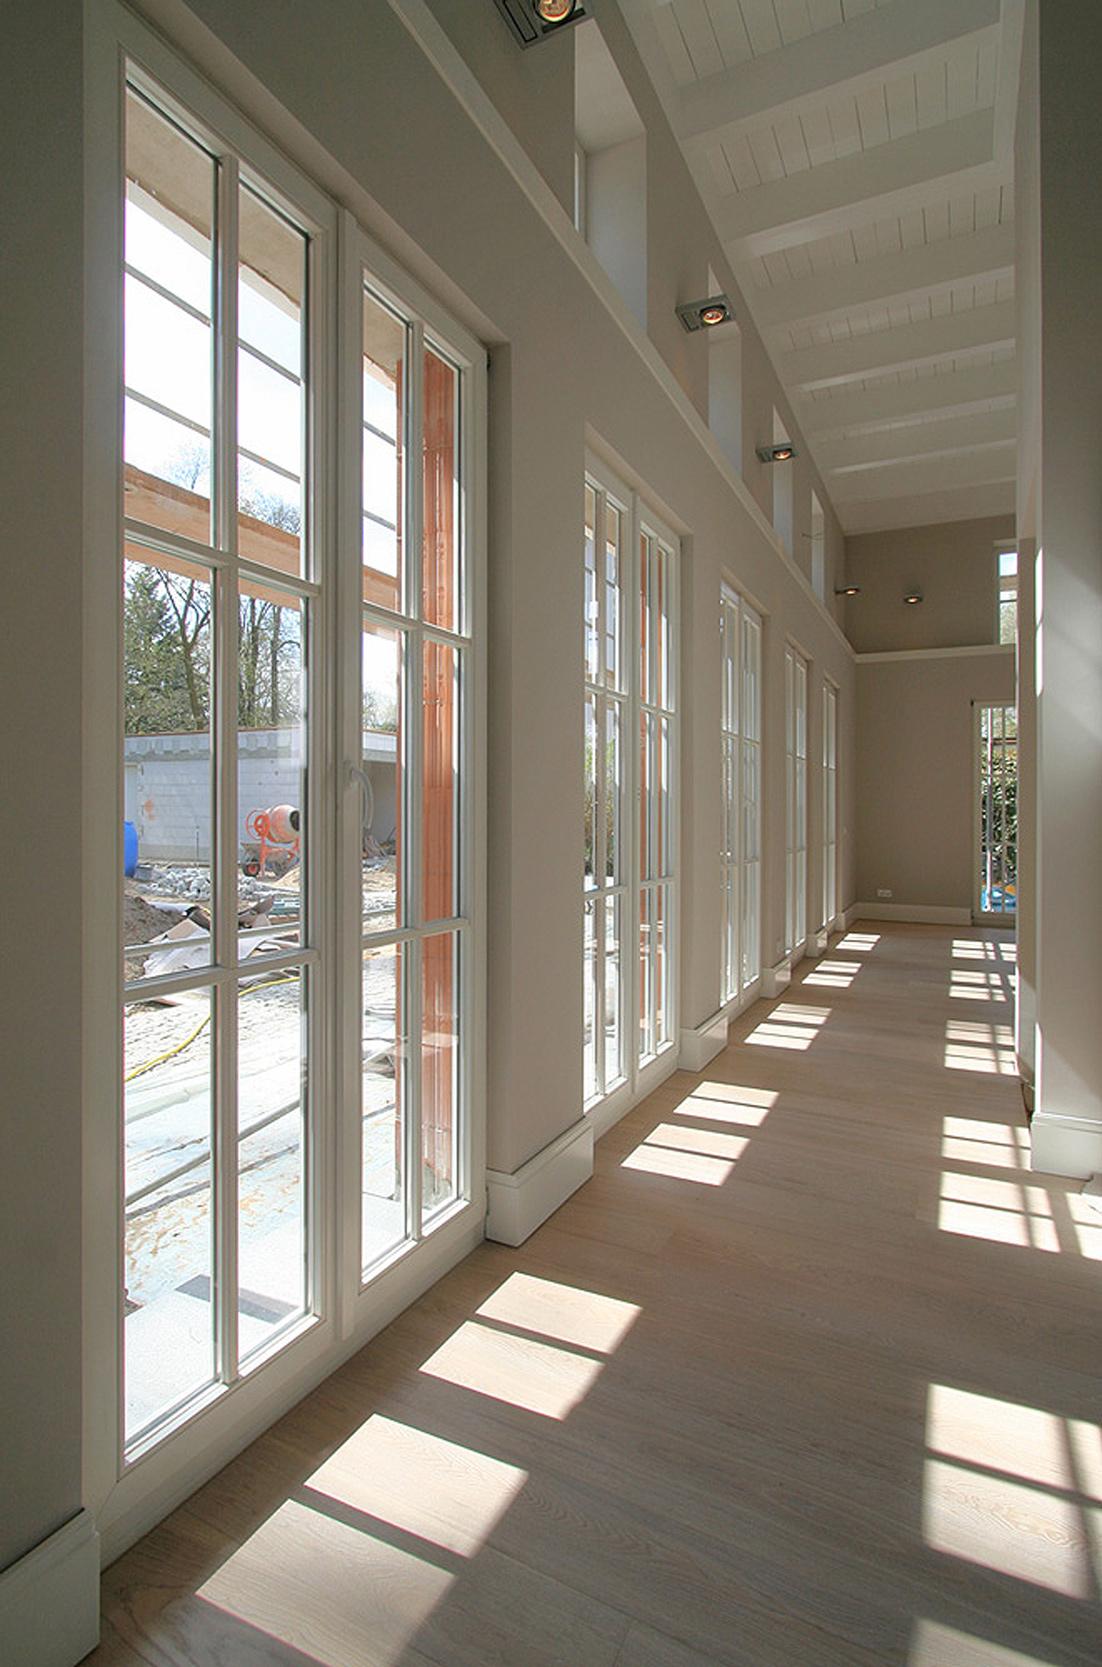 Die französischen Fenster sorgen für lichtdurchflutete Innenräume